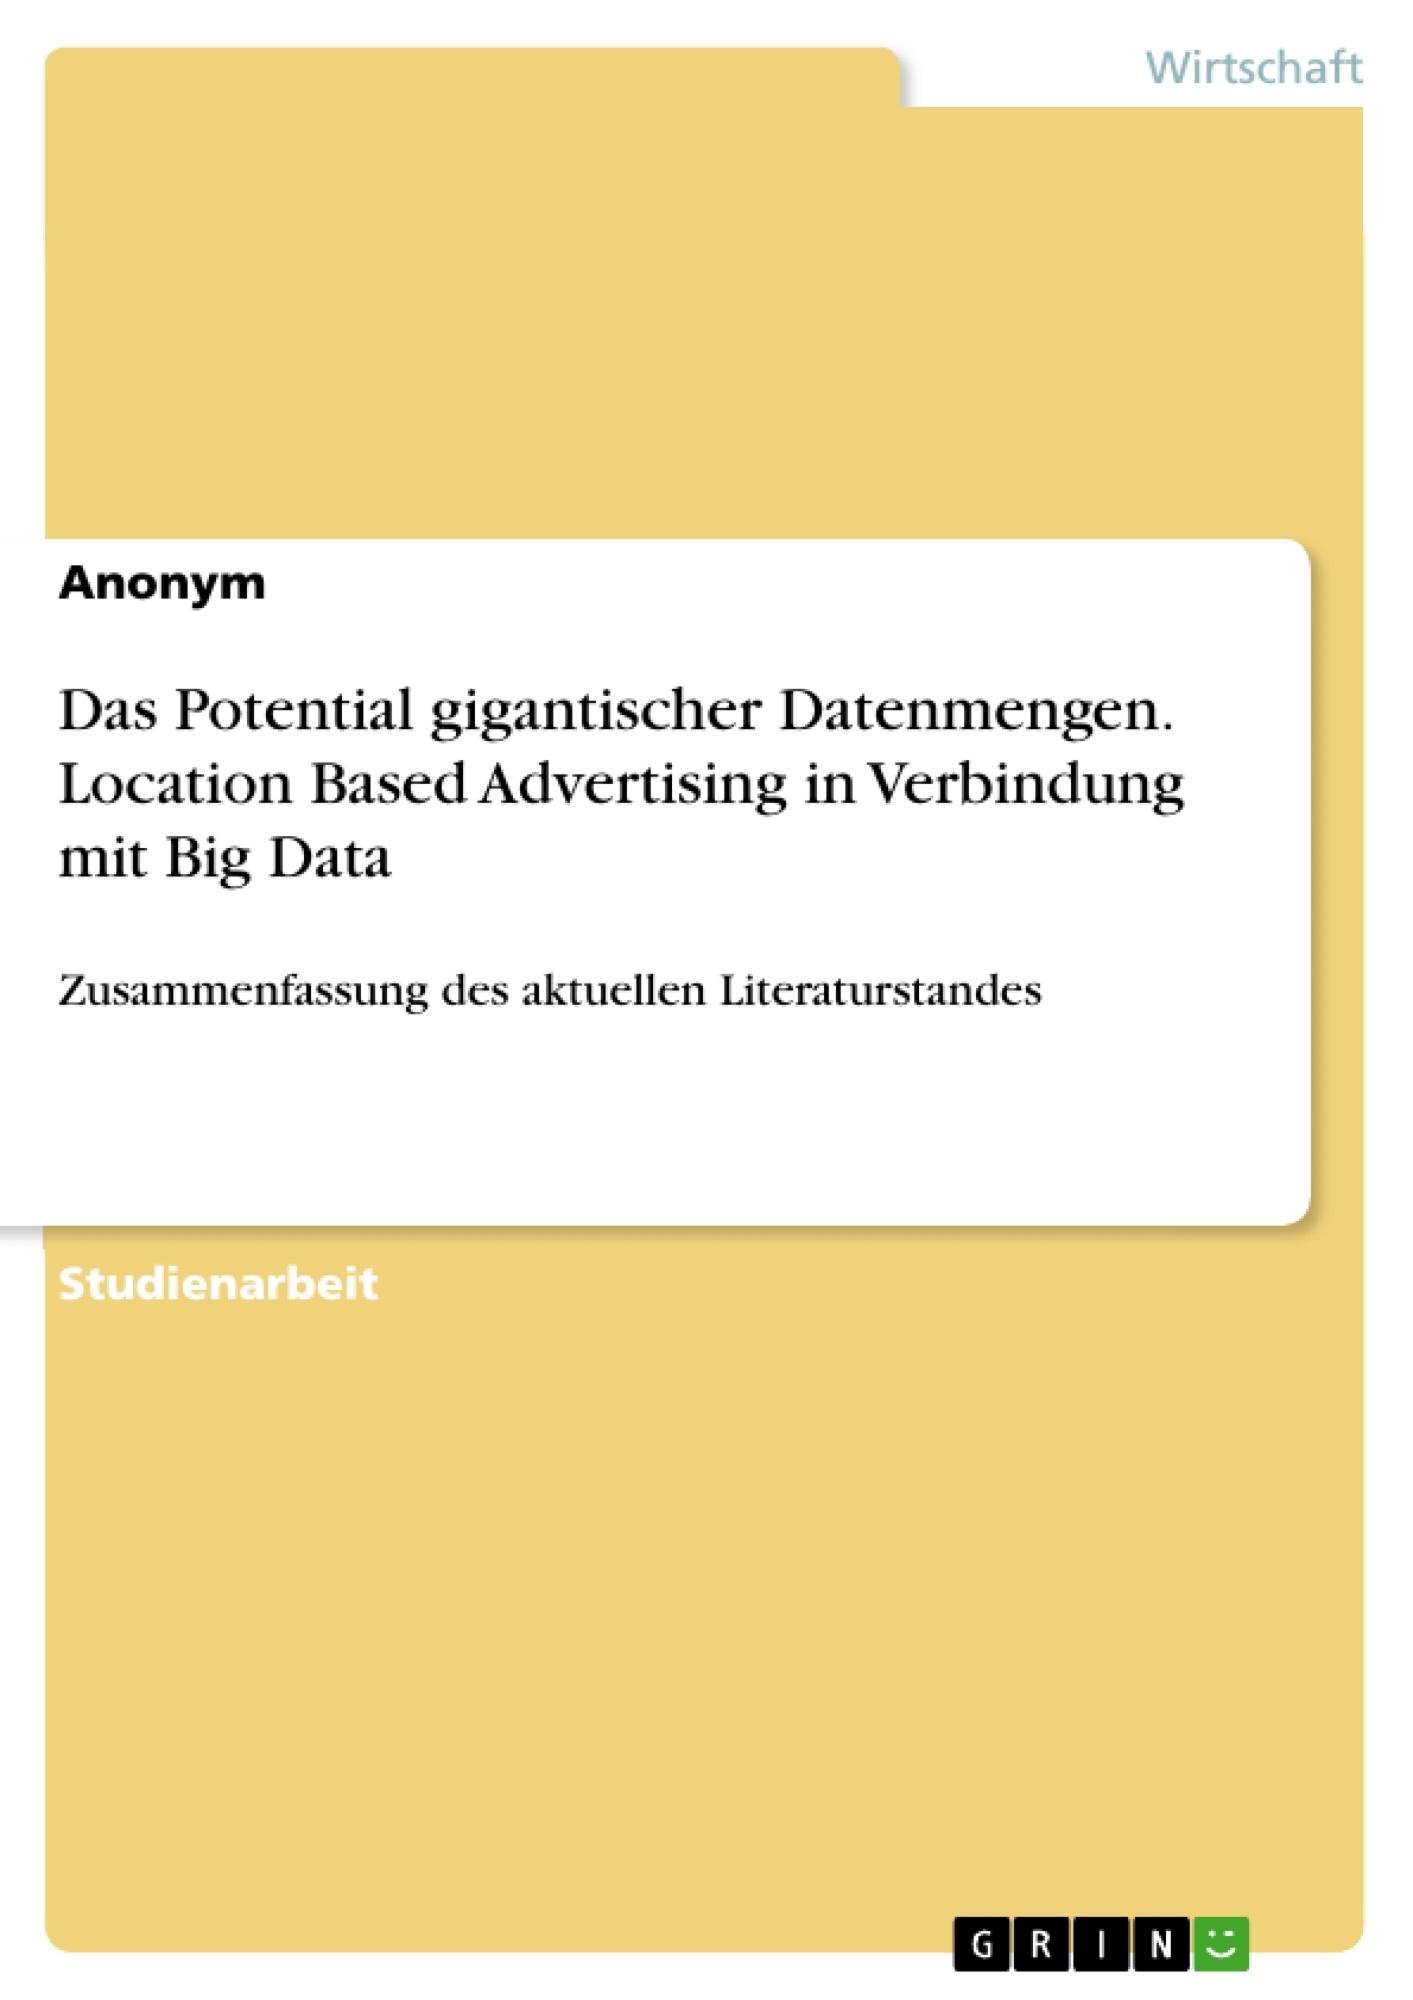 Titel: Das Potential gigantischer Datenmengen. Location Based Advertising in Verbindung mit Big Data